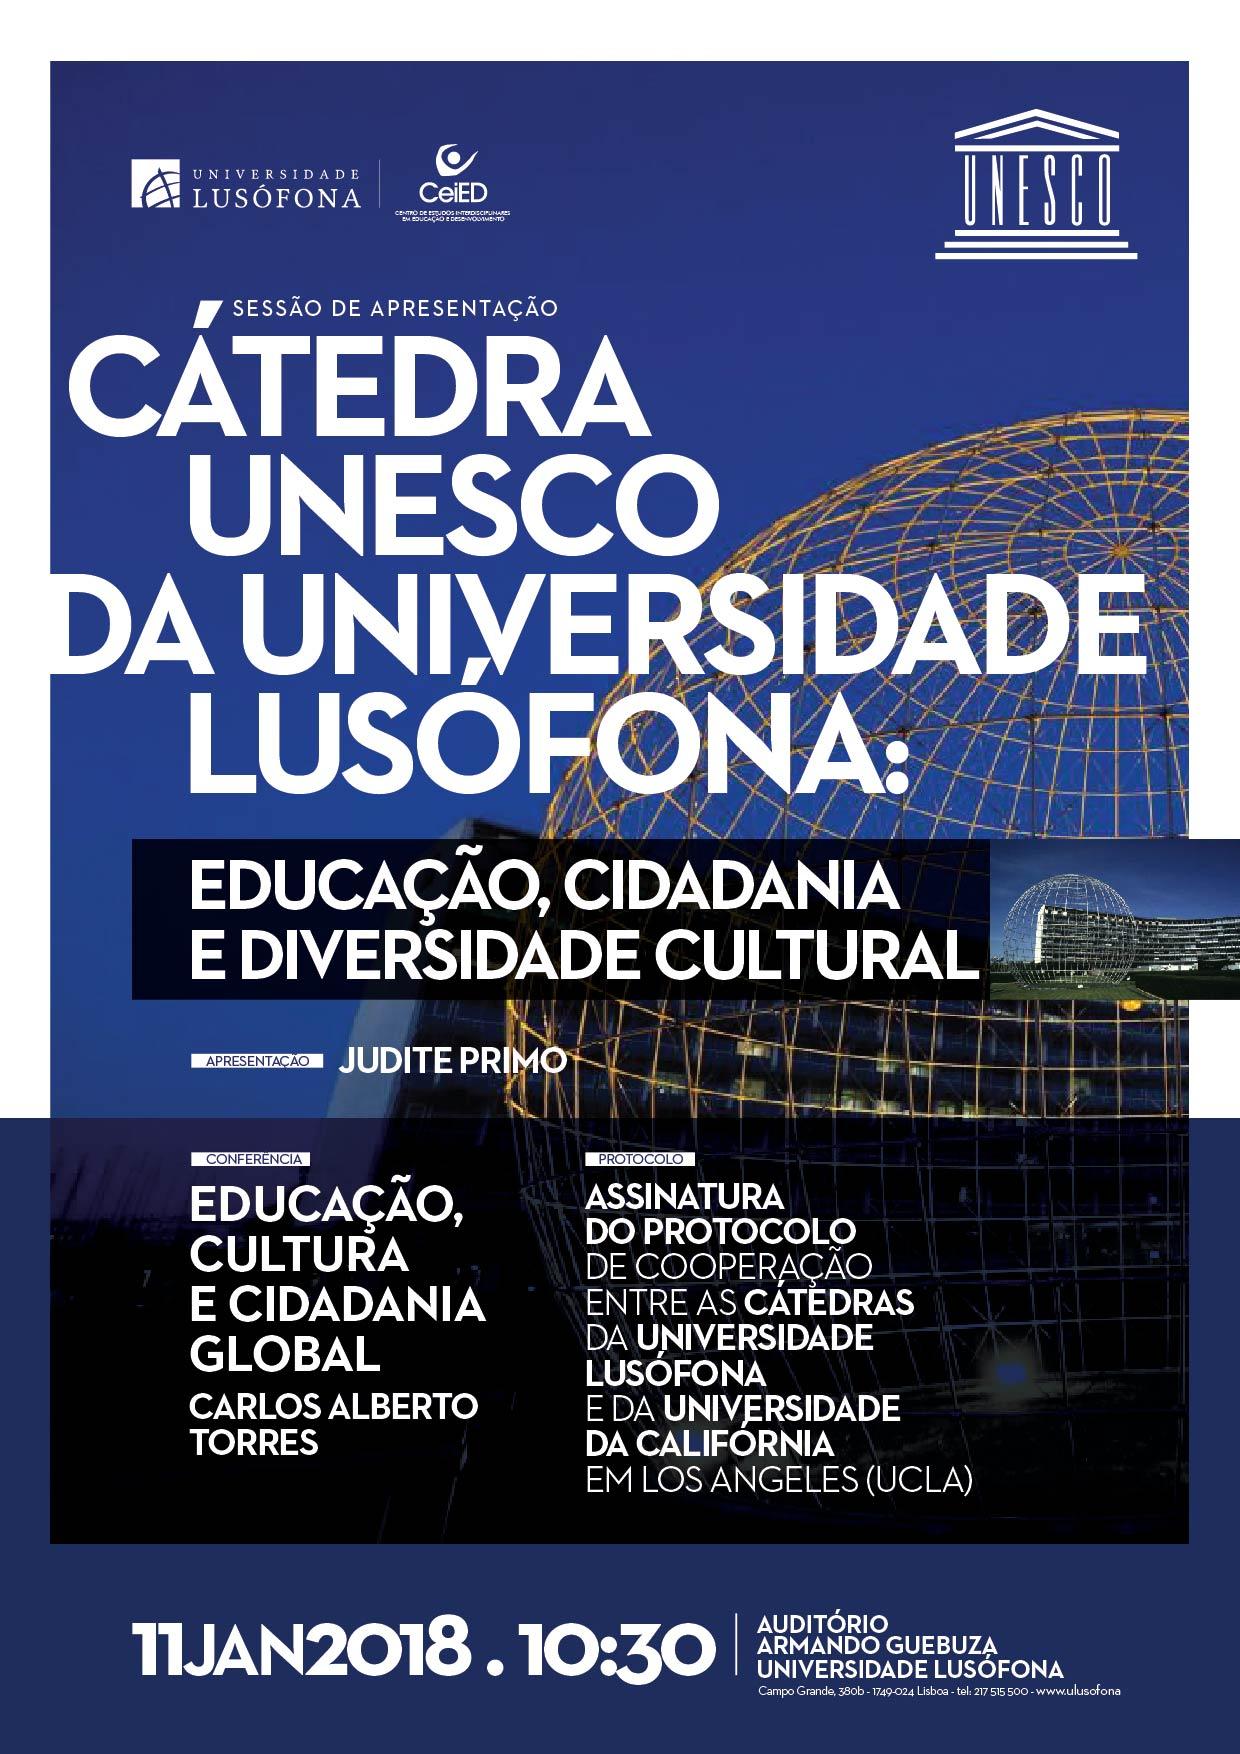 Sessão de apresentação - Cátedra Unesco da Universidade Lusófona: Educação, Cidadania e Diversidade Cultural